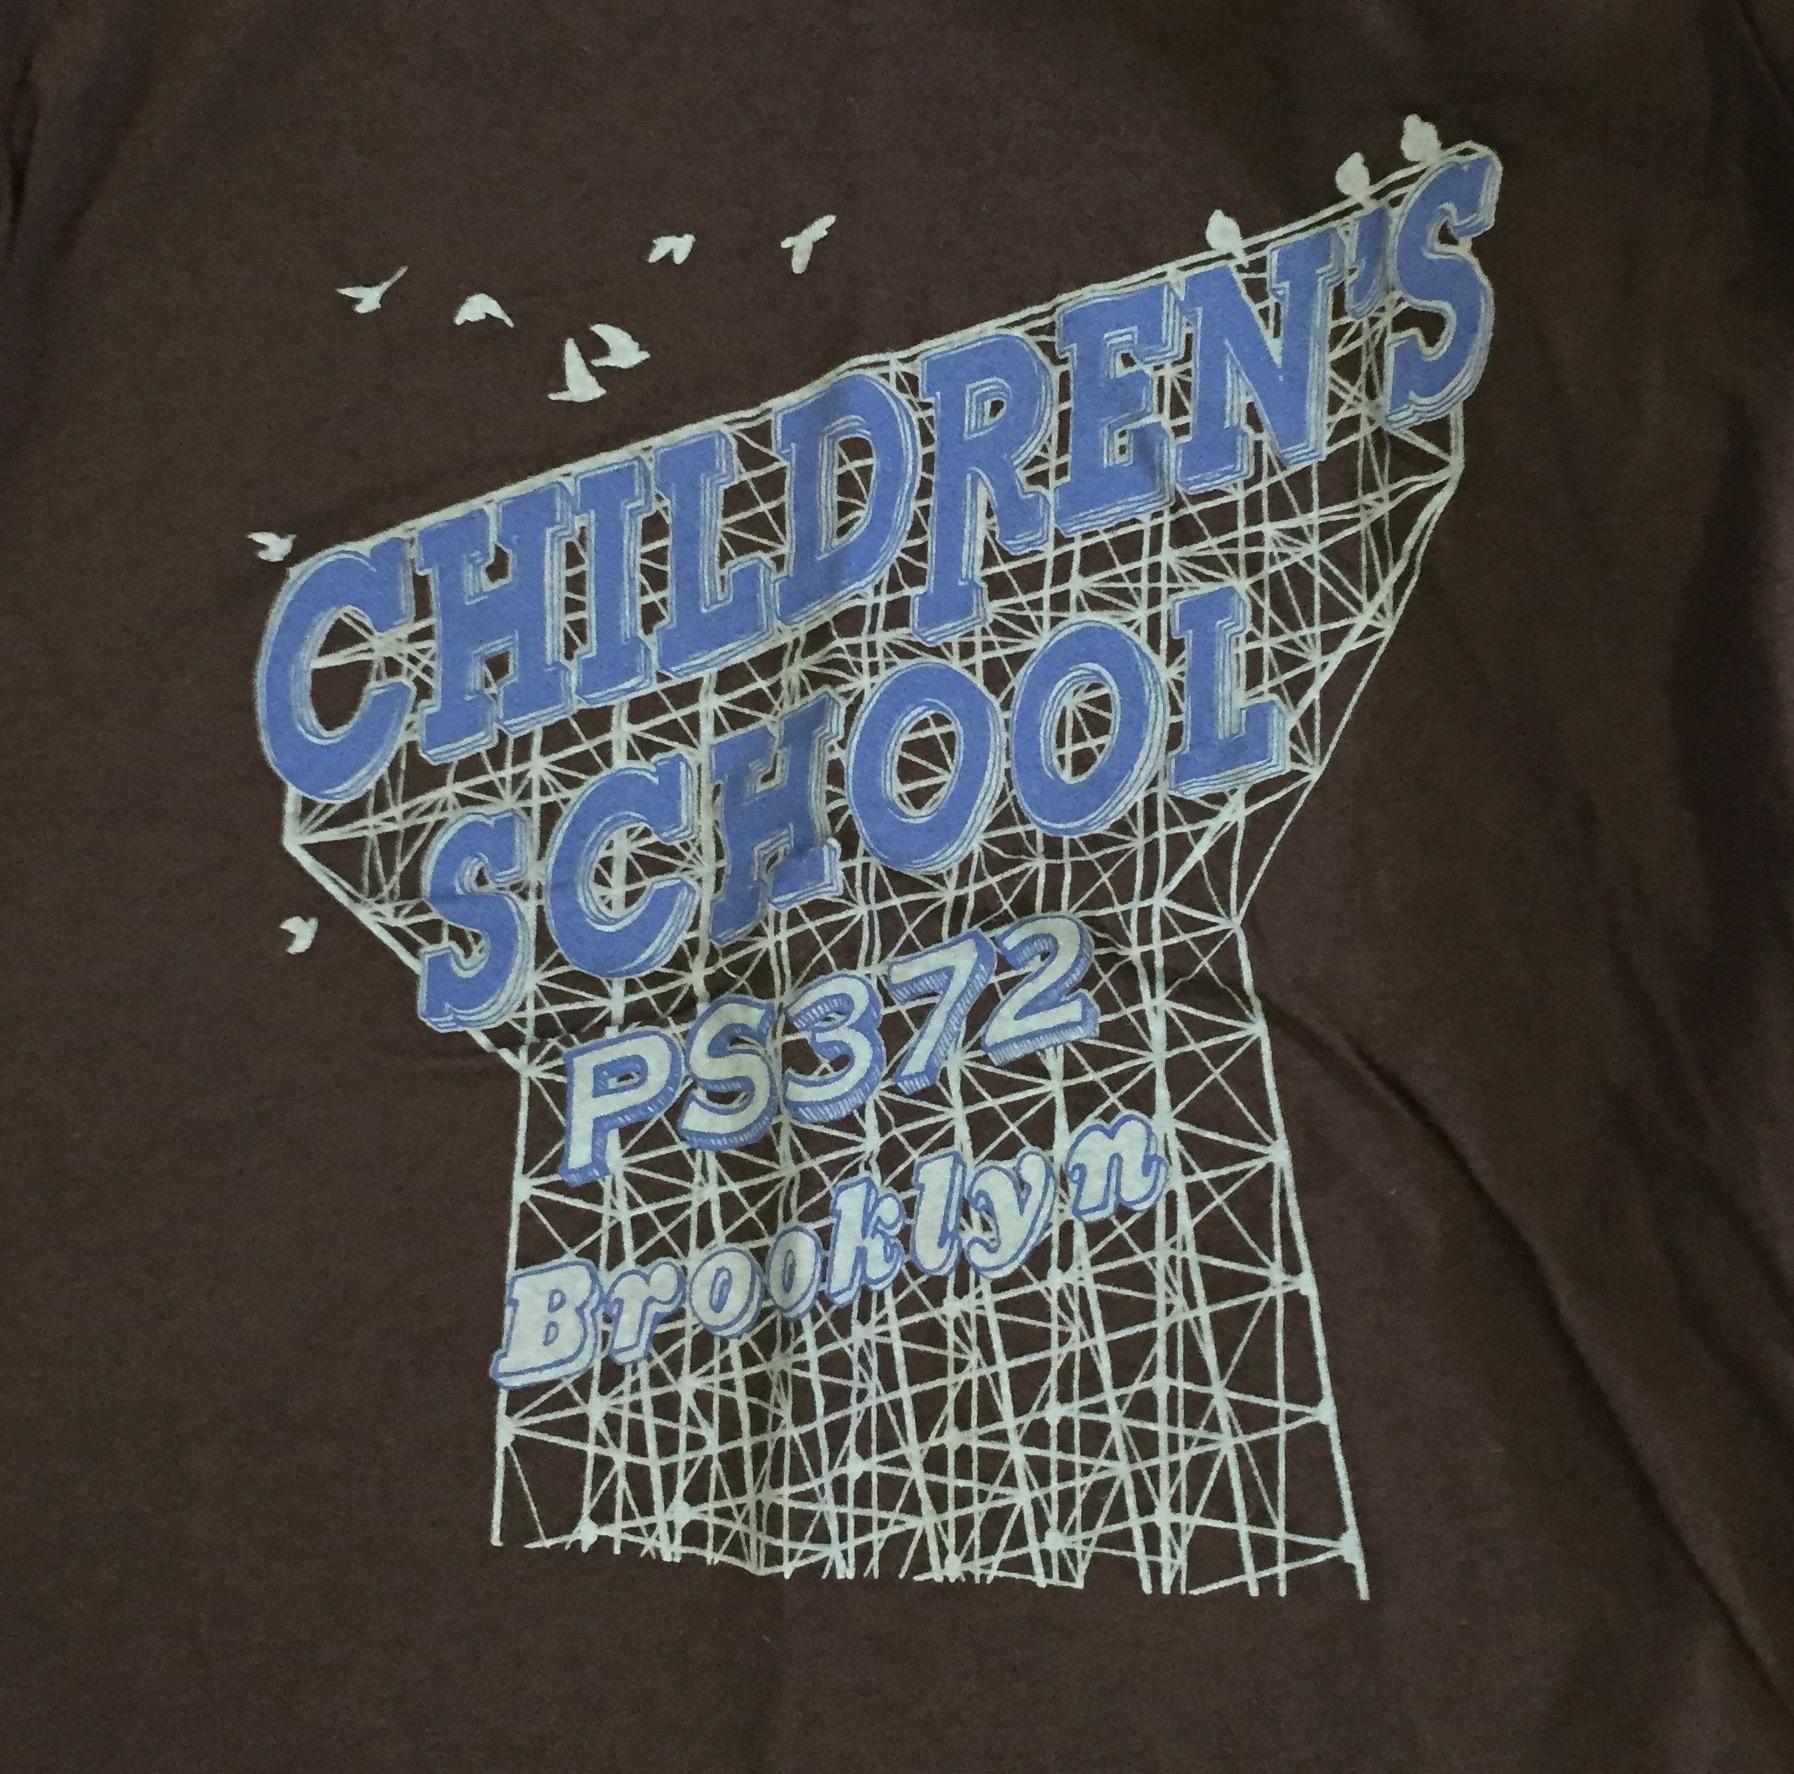 ps 372 the children's school